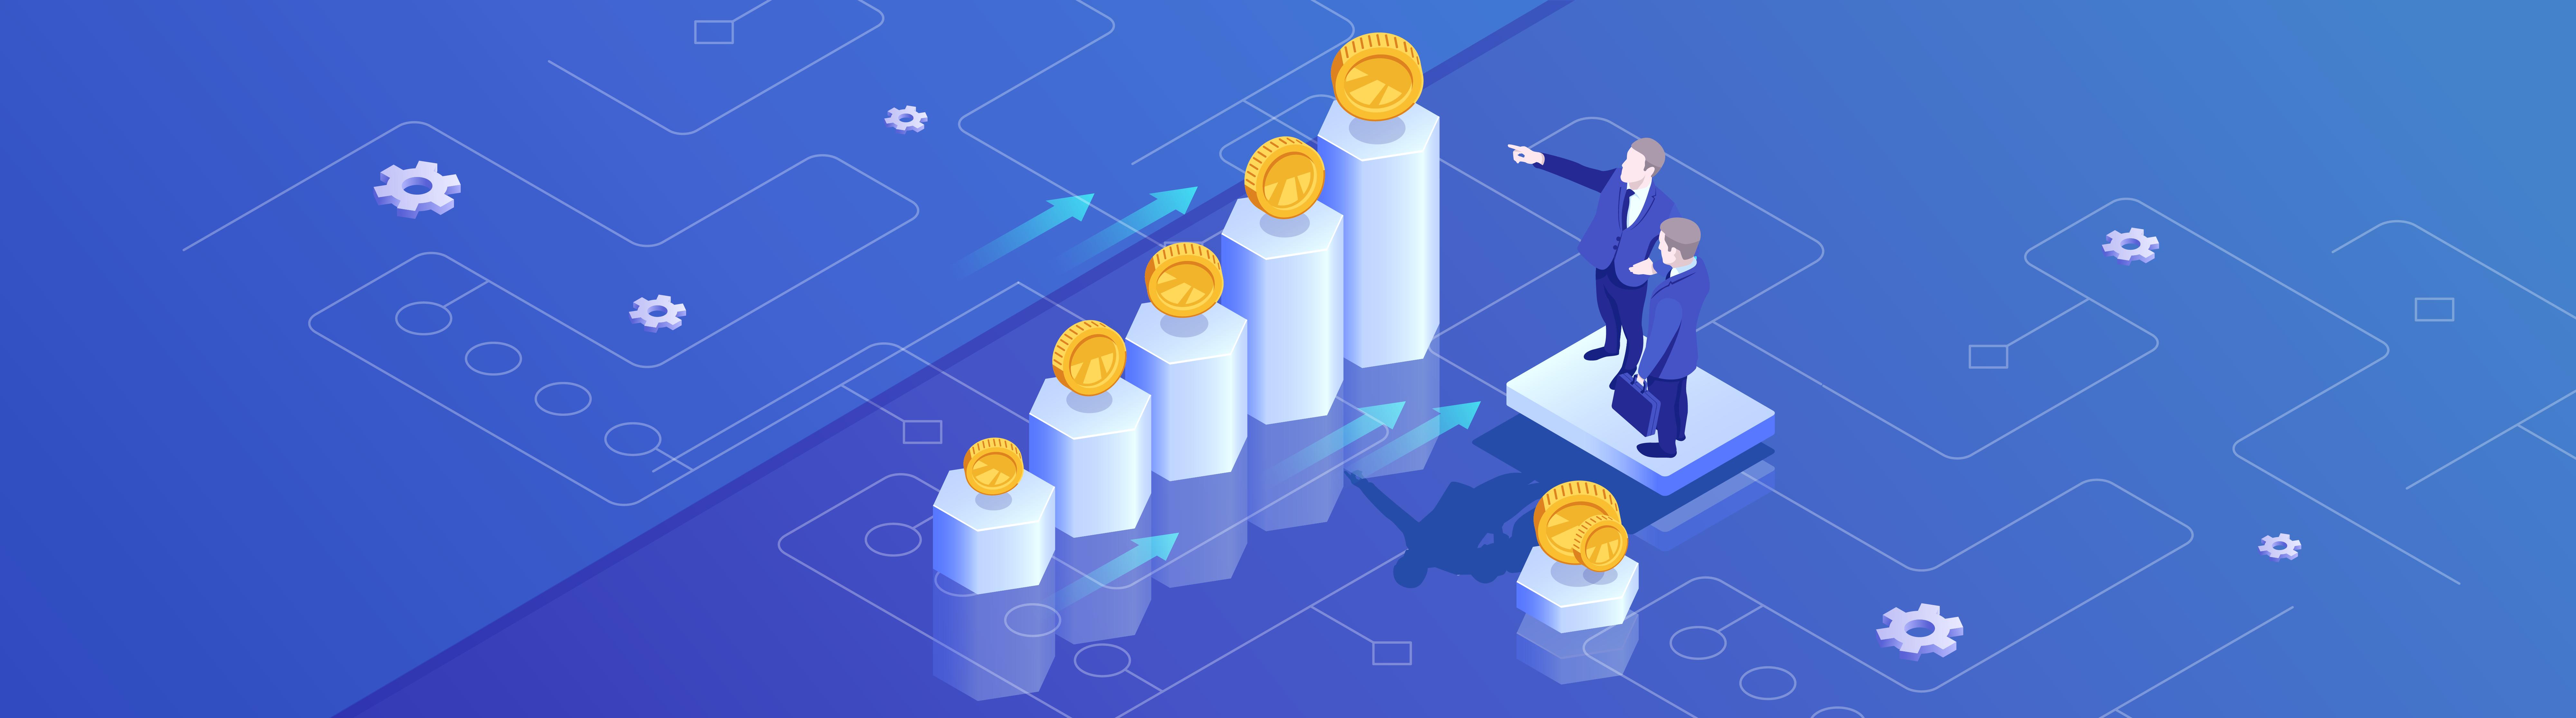 Онлайн калькулятор расчет рентабельности инвестиций (ROI) в систему ERP. Стоит ли внедрять ERP?